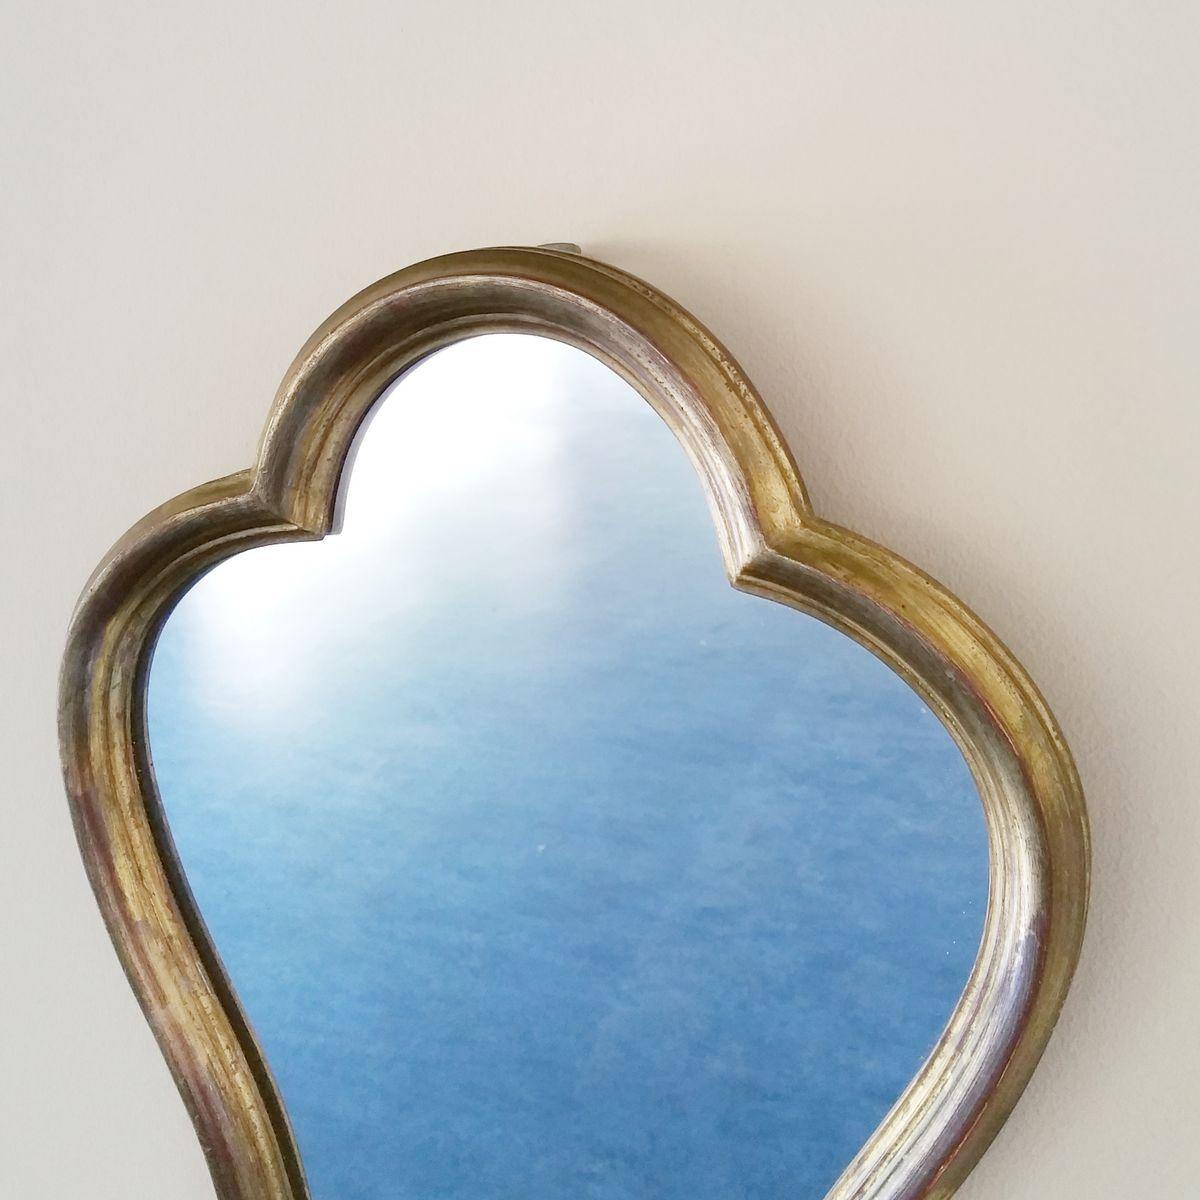 franz sischer spiegel mit vergoldetem holzrahmen 1960er bei pamono kaufen. Black Bedroom Furniture Sets. Home Design Ideas